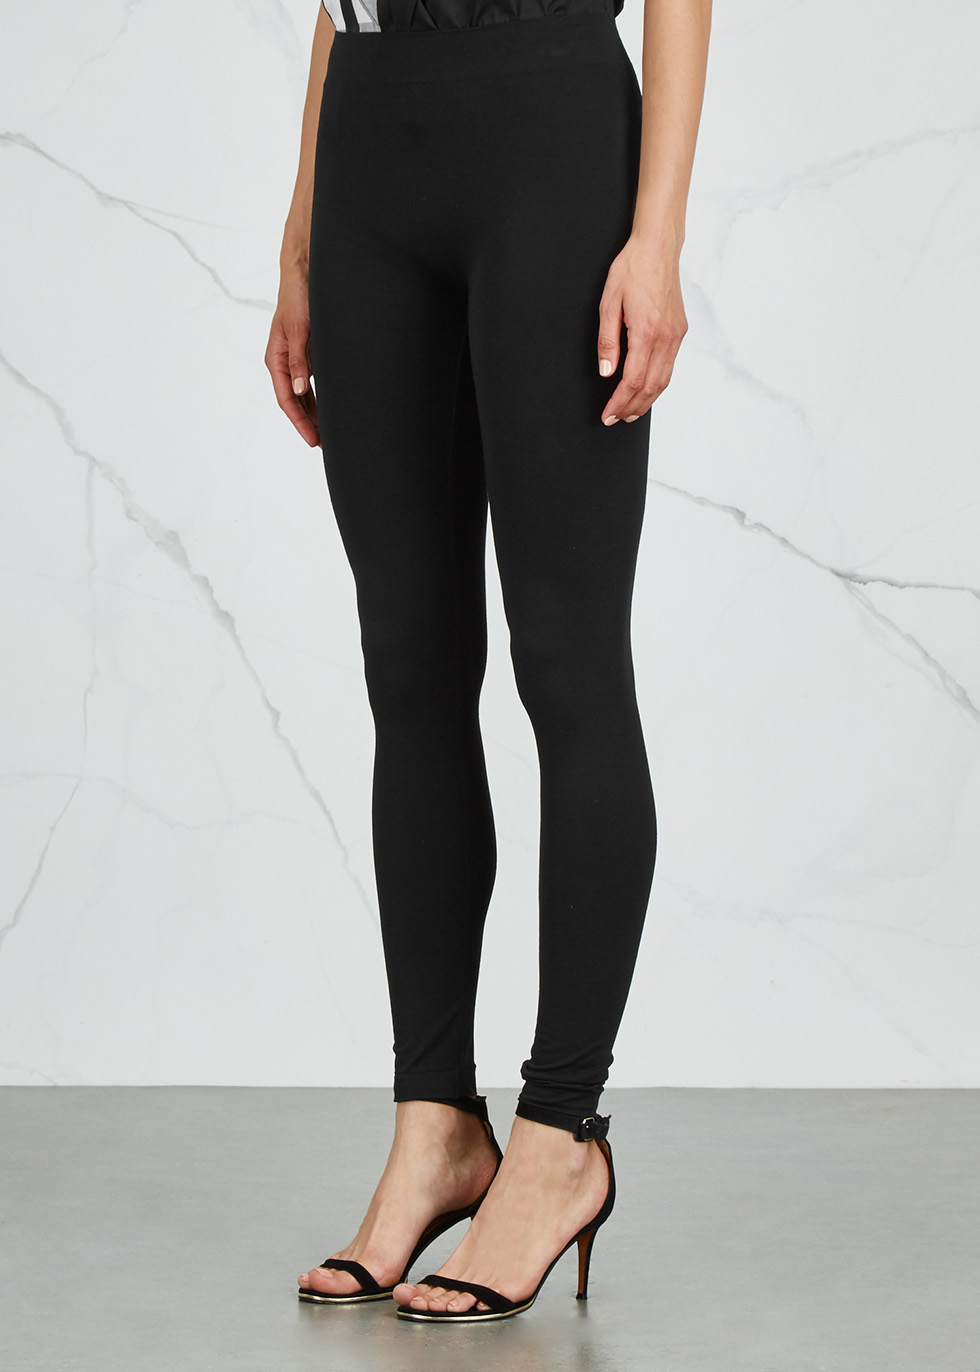 Black leggings - Wolford